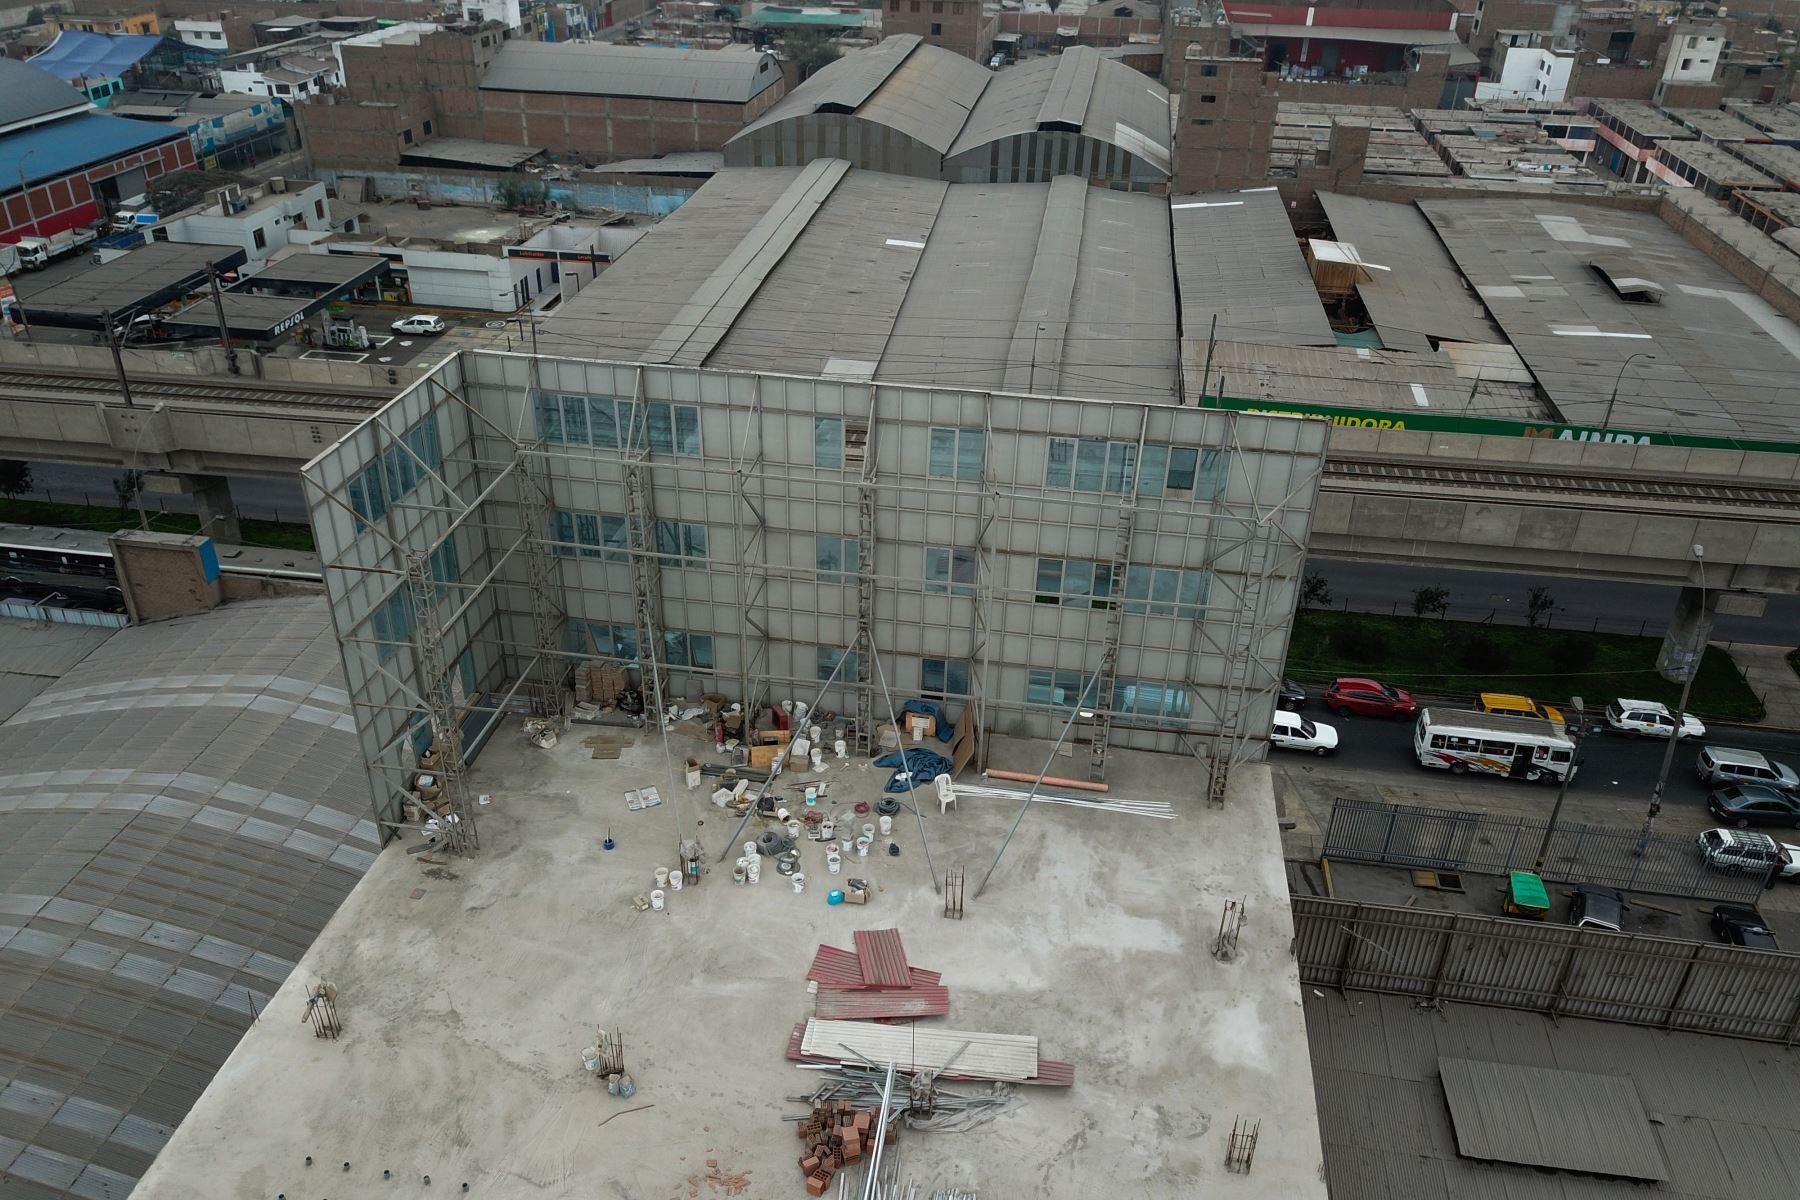 Telesup levantó falsa pared que simulaba edificio de 7 pisos Foto: ANDINA/ Lenin Lobatón